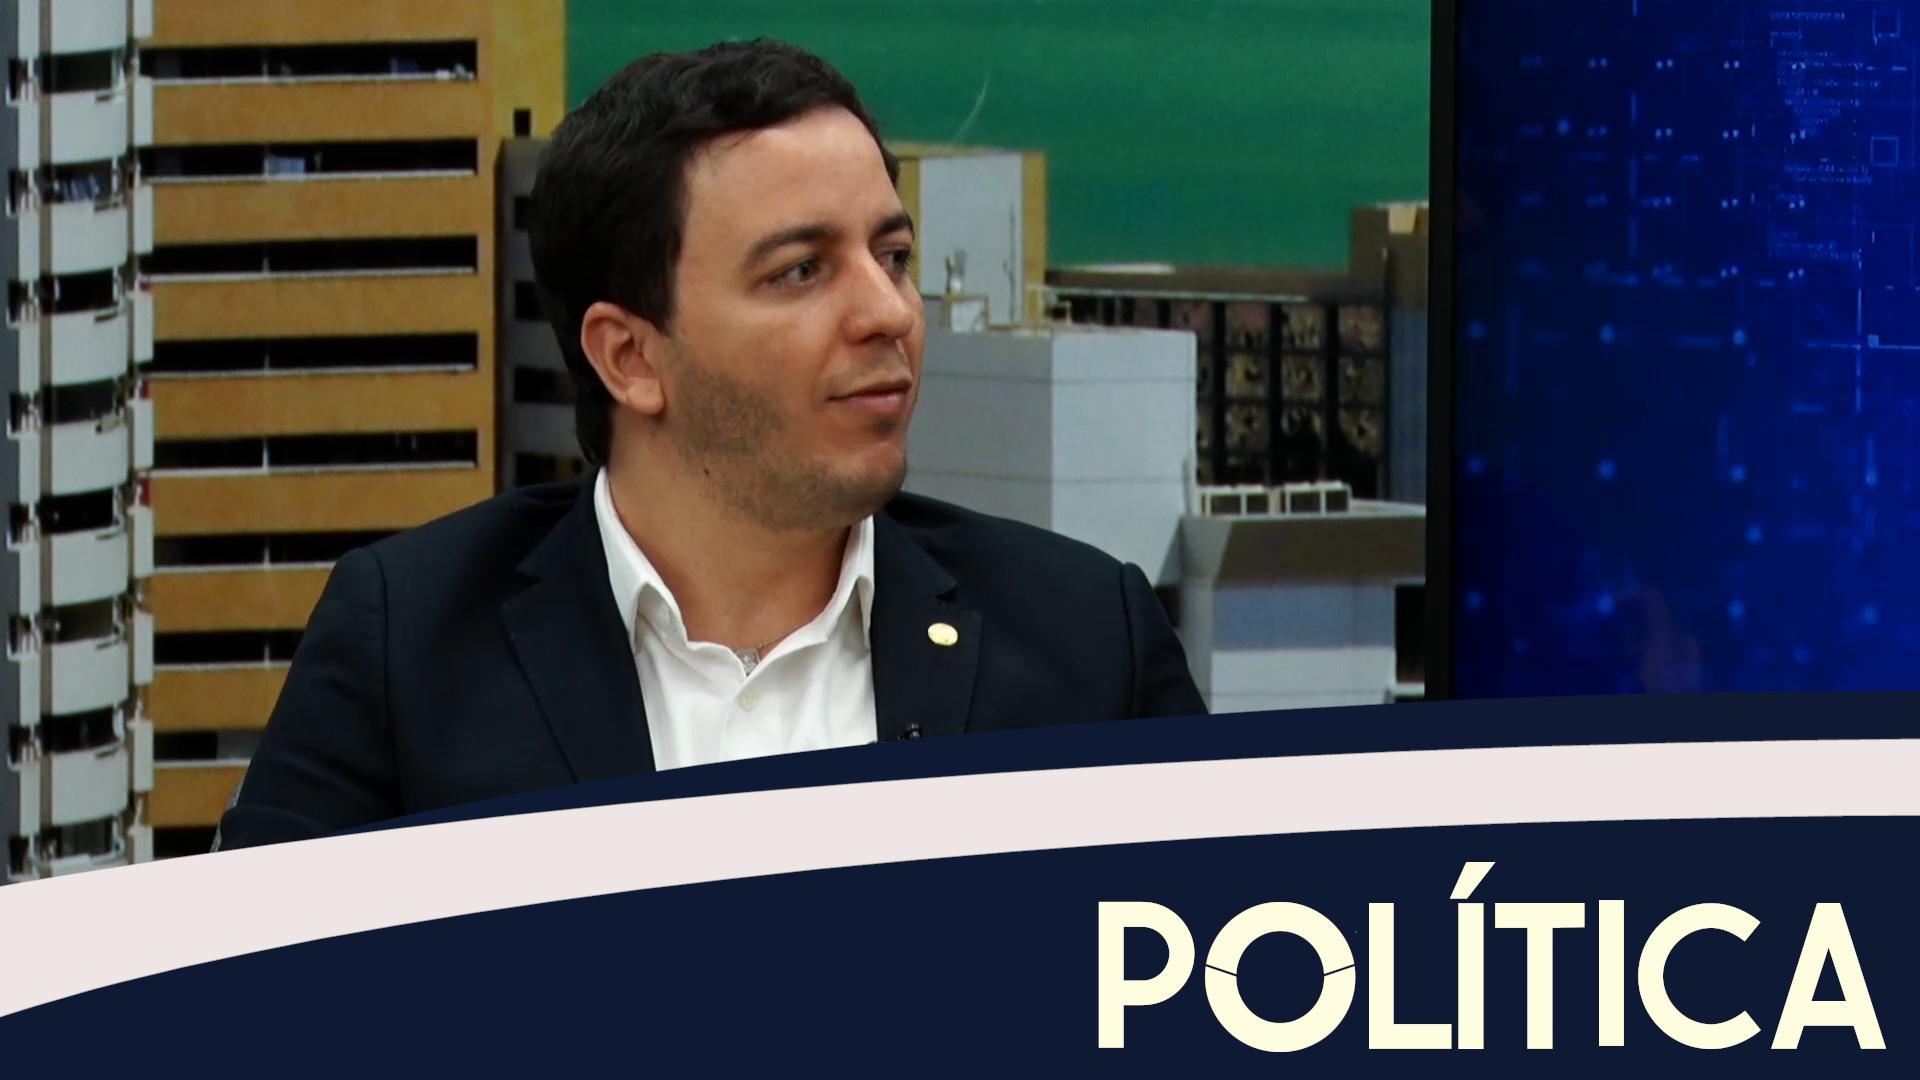 Política entrevista Célio Sturdart, Deputado Federal PV-CE